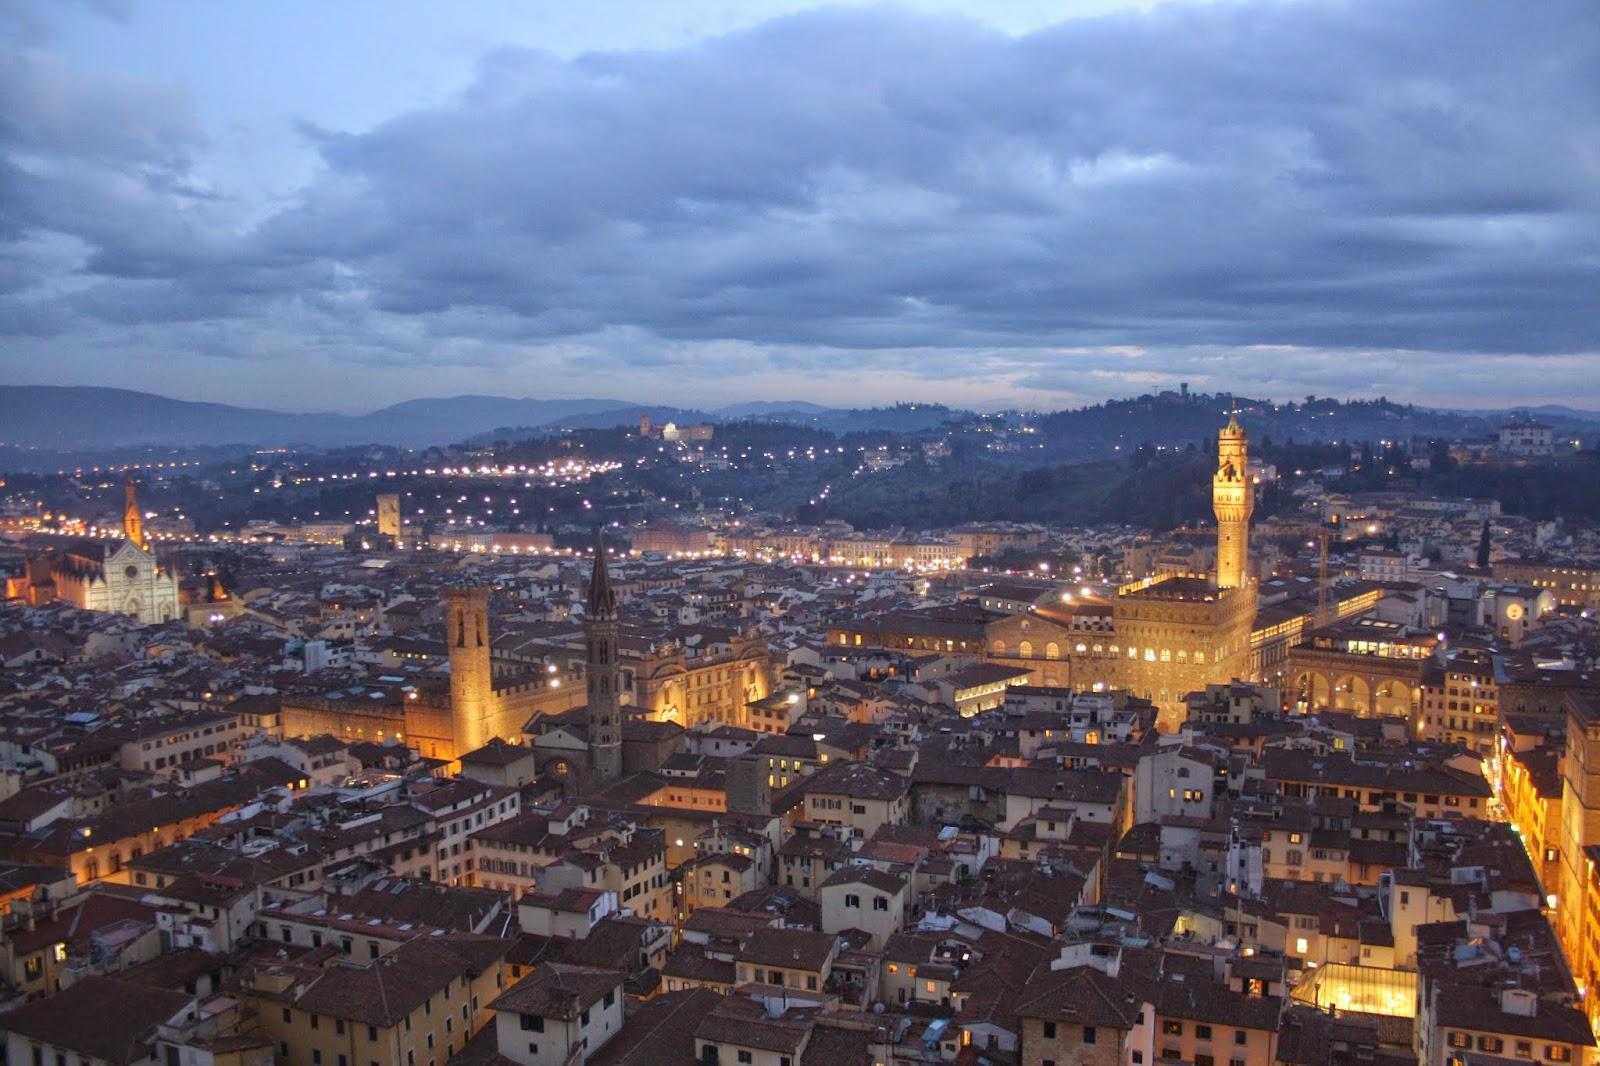 Vistas de Florencia desde lo alto de la cupula de Santa Maria del Fiore